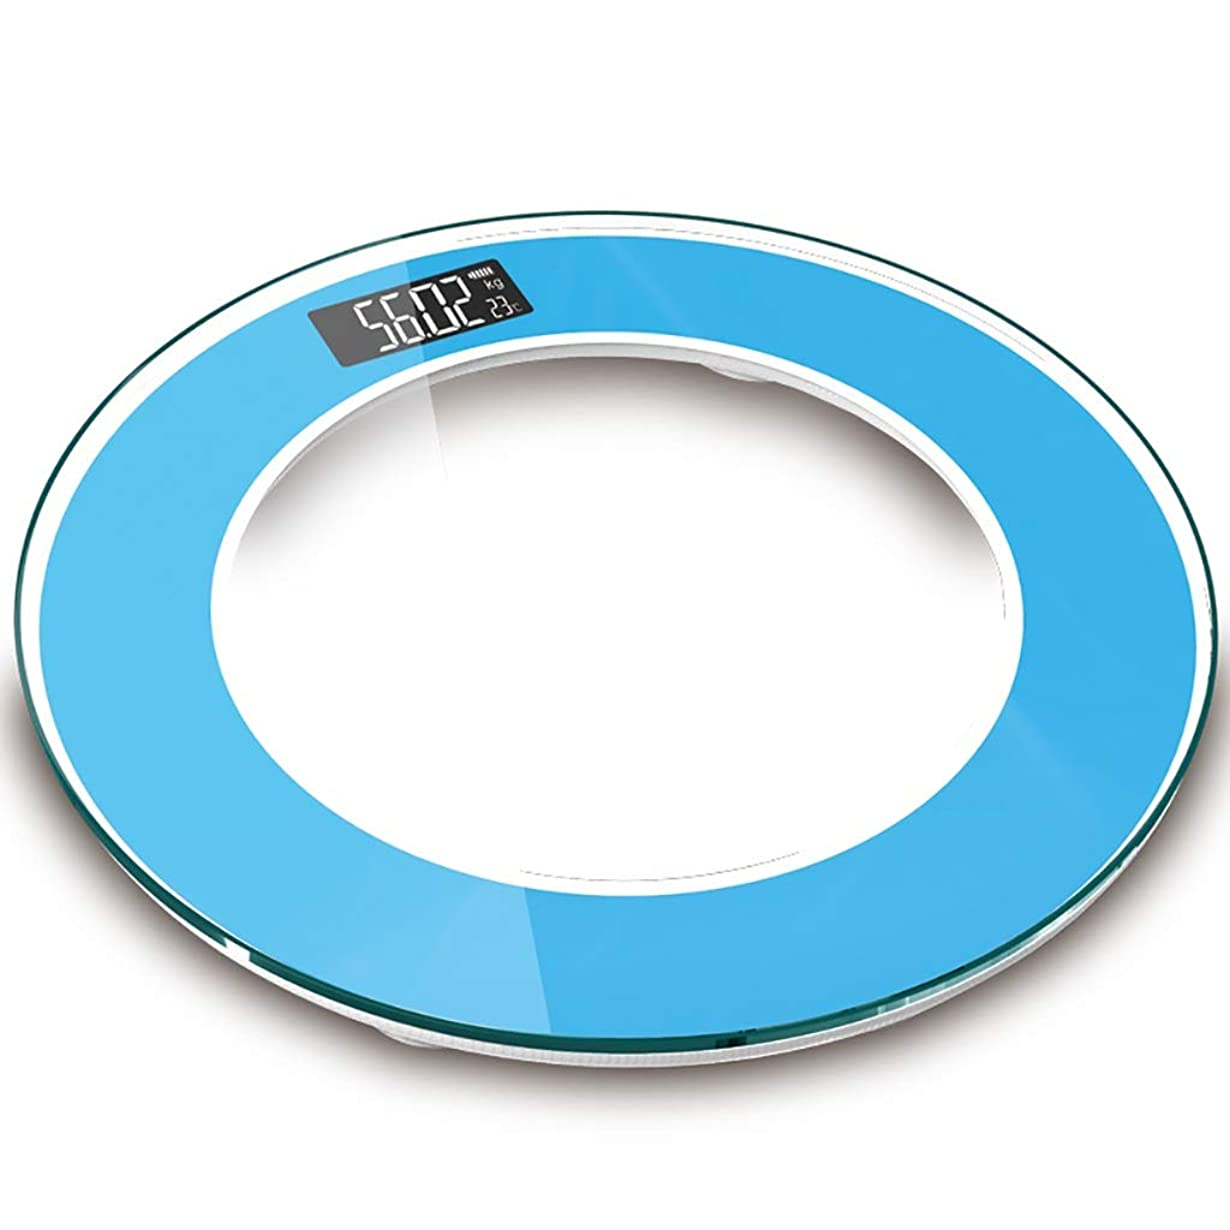 リーダーシップフルーツ野菜物理学者LEDディスプレイスケールラウンド強化ガラス電子スケール大人の家庭用体重計は150 Kg(33x33x2.6cm)に耐えることができます (Color : Blue)